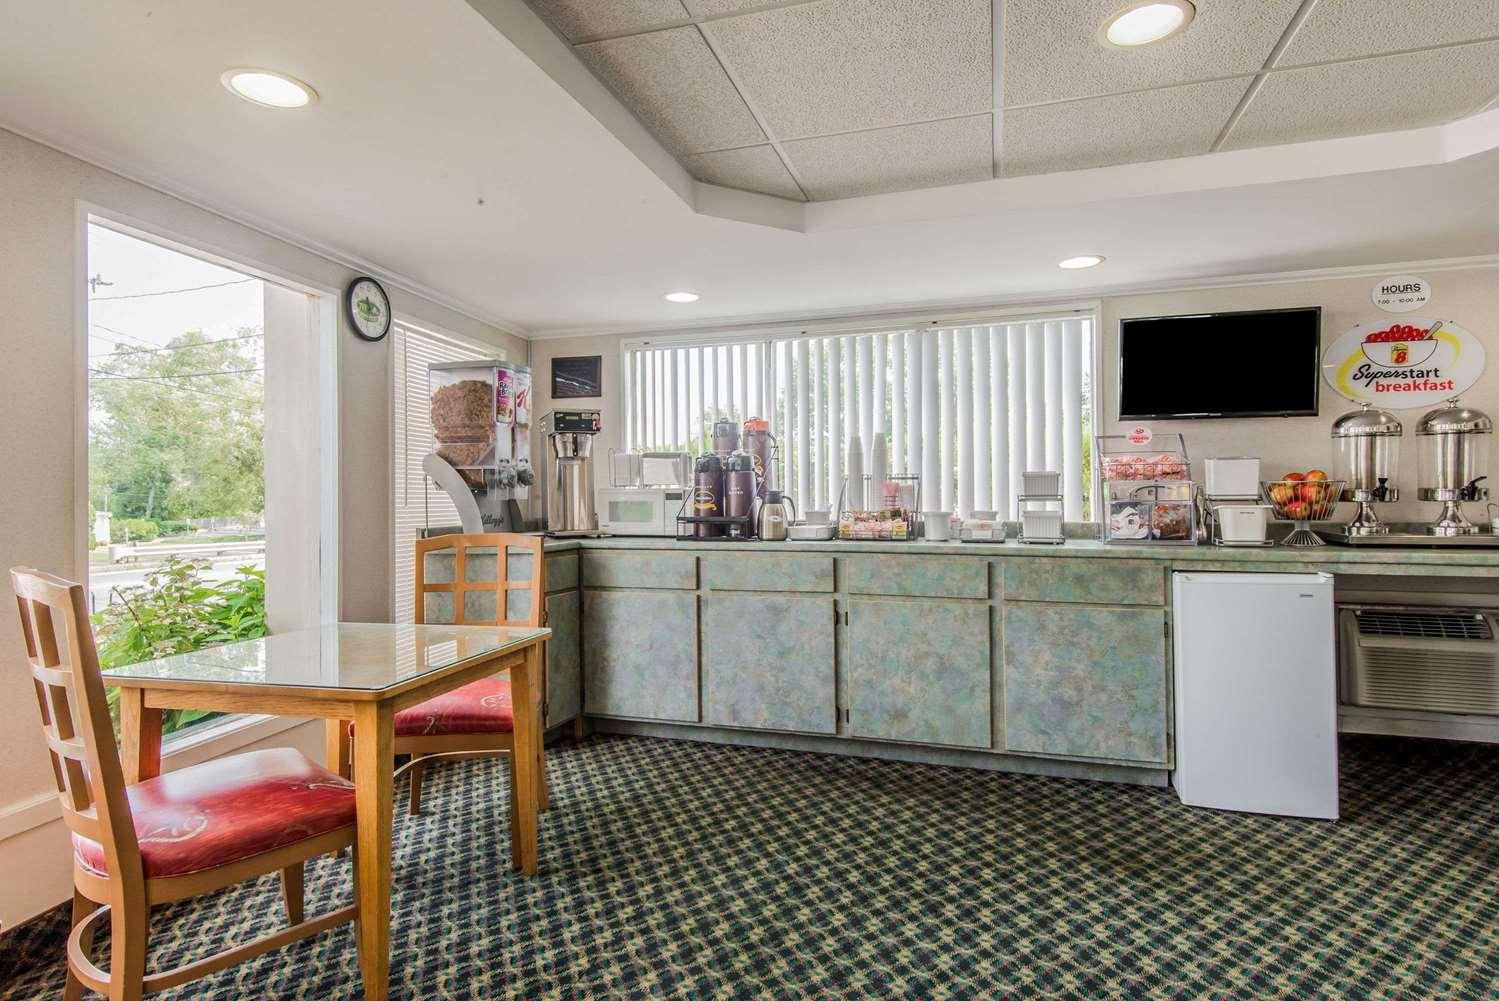 proam - Super 8 Hotel West Yarmouth